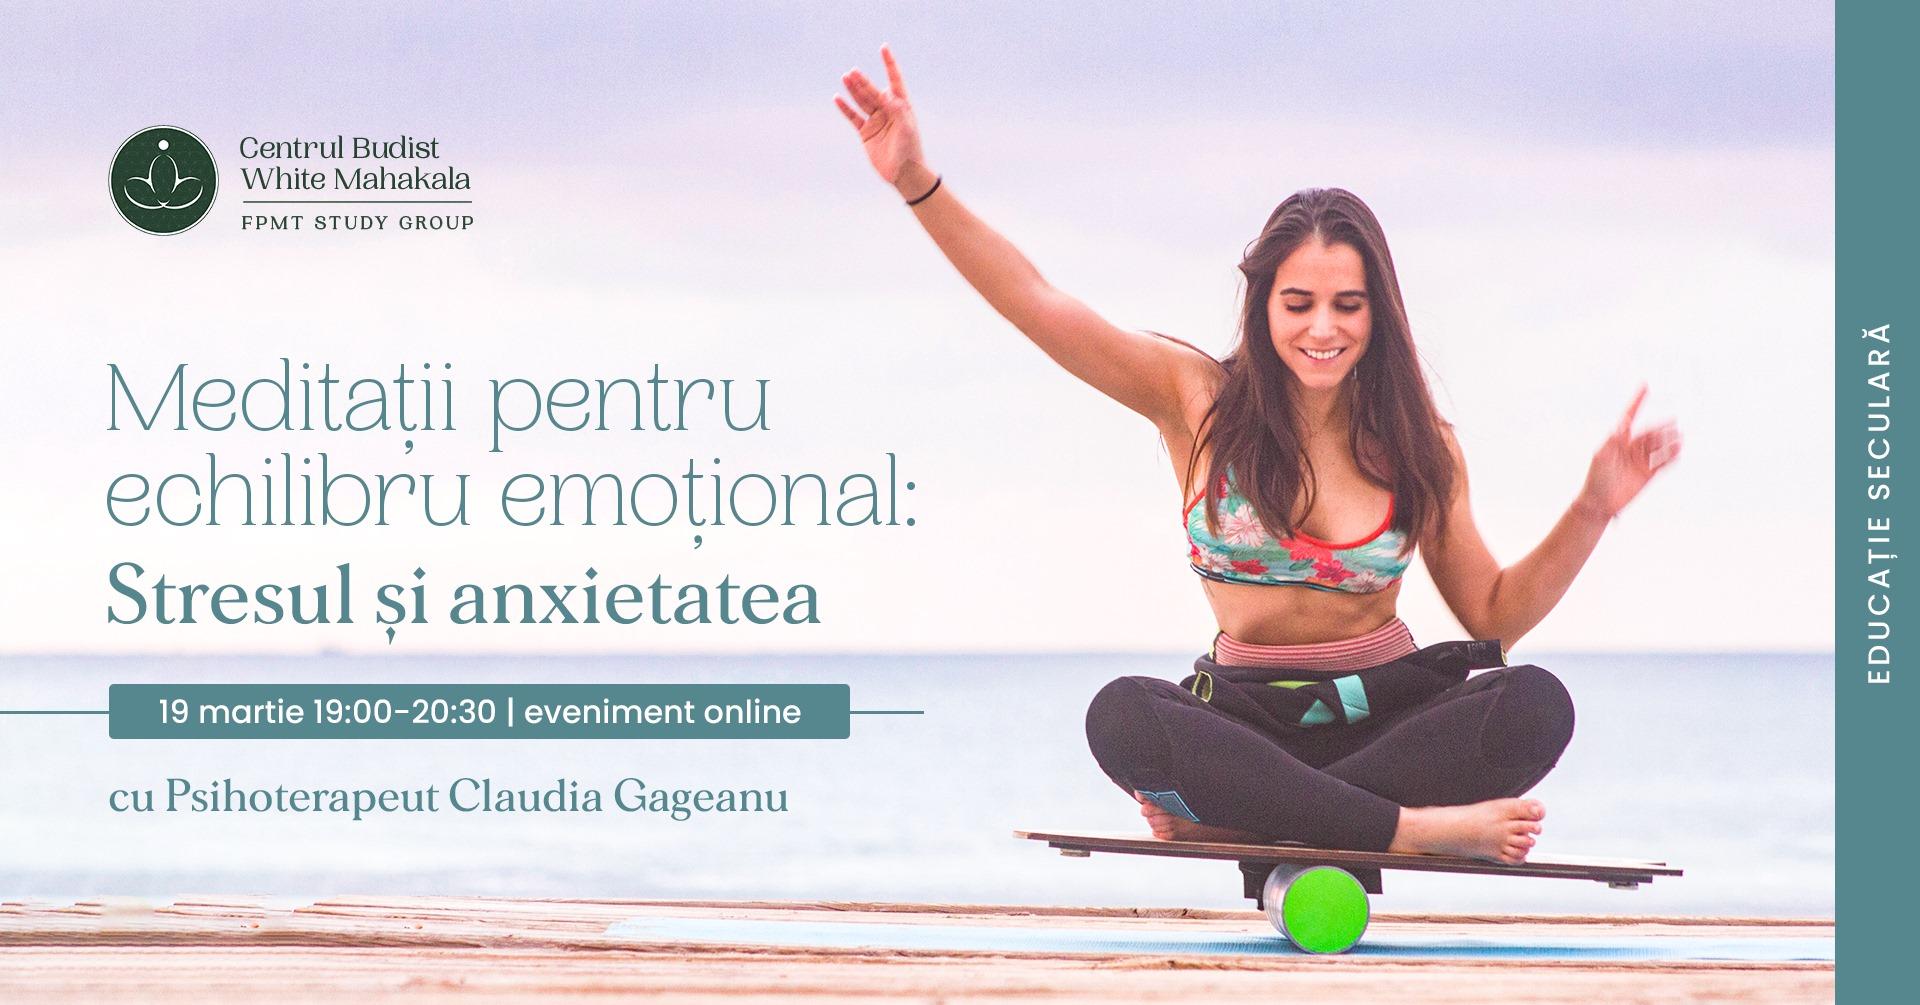 Meditatii pentru echilibru emotional – Stresul si anxietatea